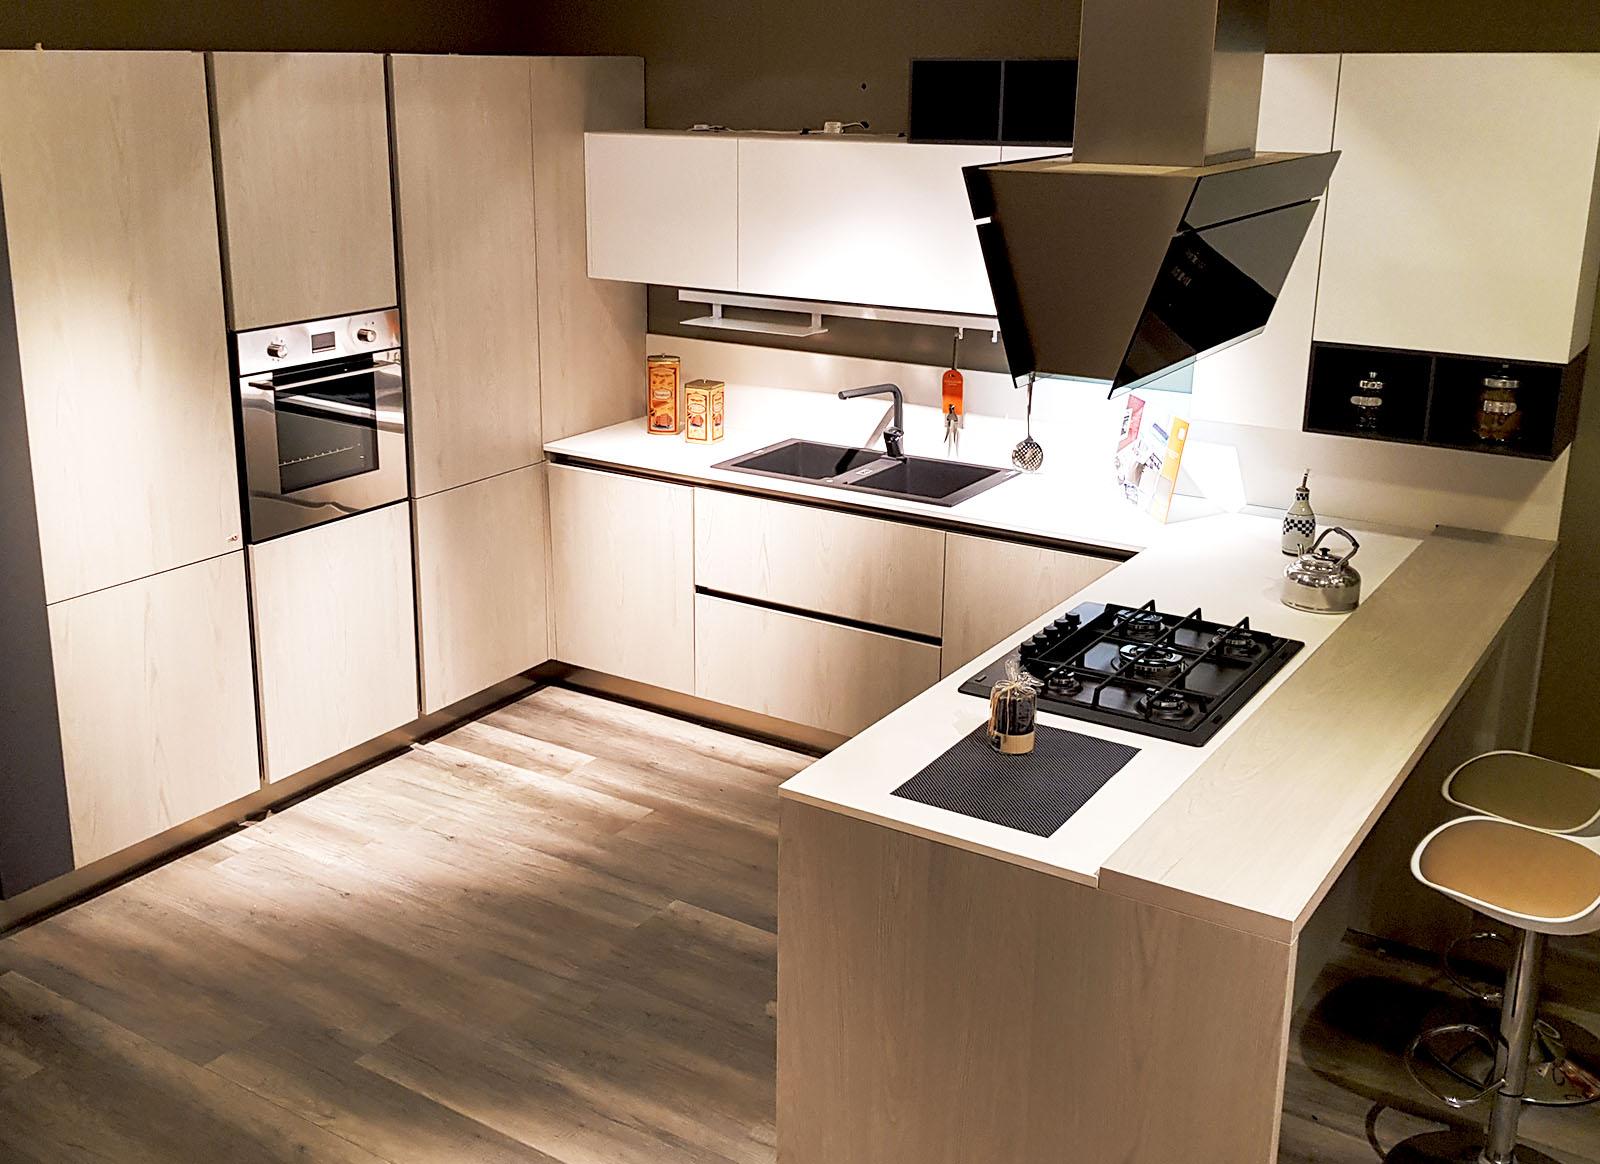 Cucina top fenix cucine padova - Top cucina fenix prezzo ...